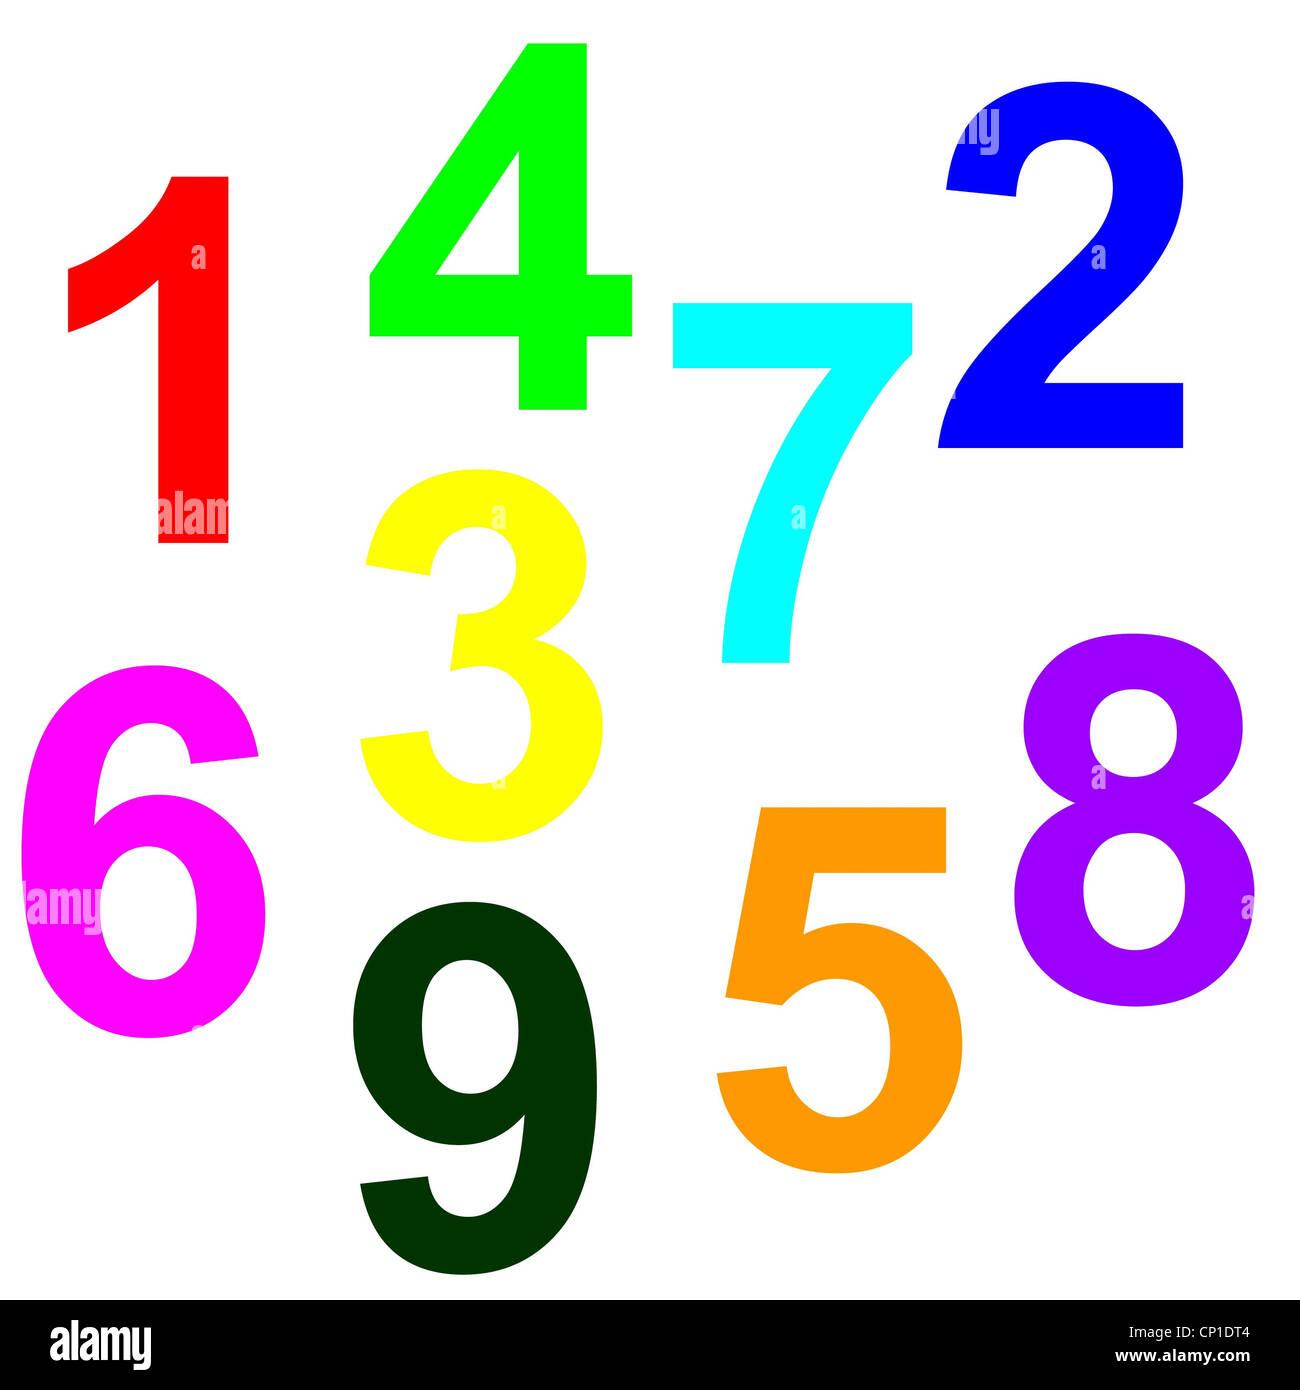 Magnificent Bis Symbol Images - Wiring Diagram Ideas - blogitia.com